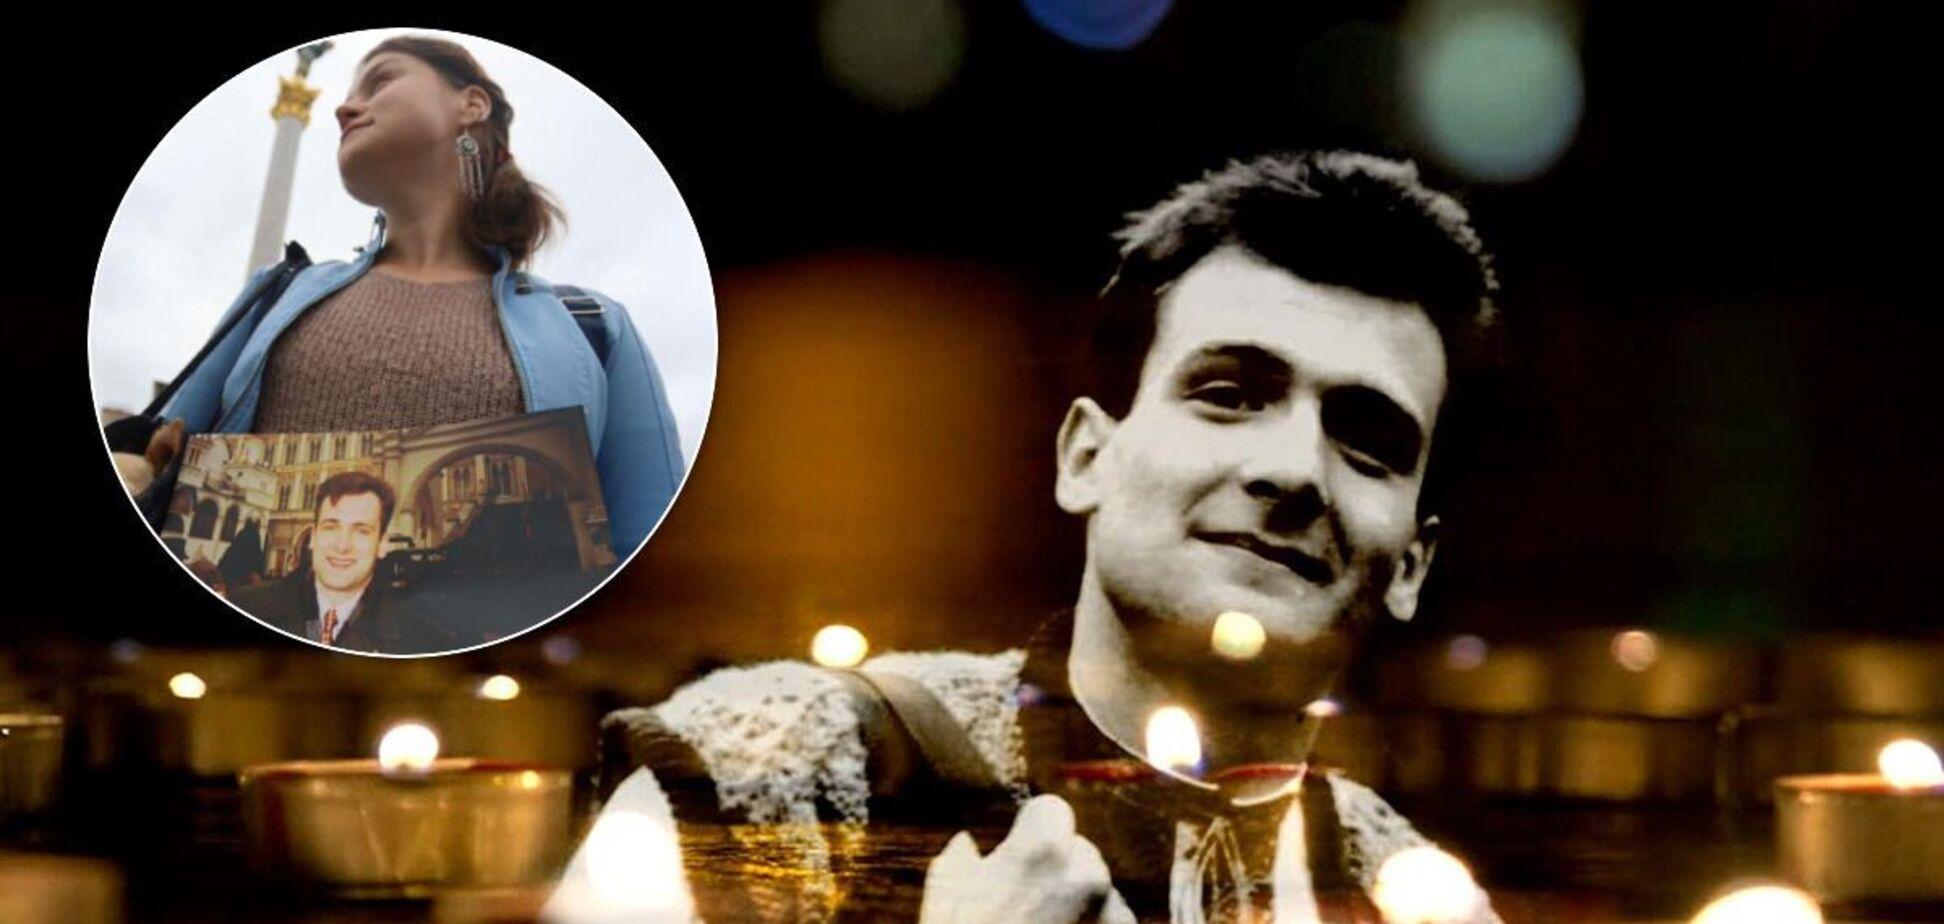 В 20-ю годовщину убийства Гонгадзе журналисты обратились к власти. Фото: Украинская правда